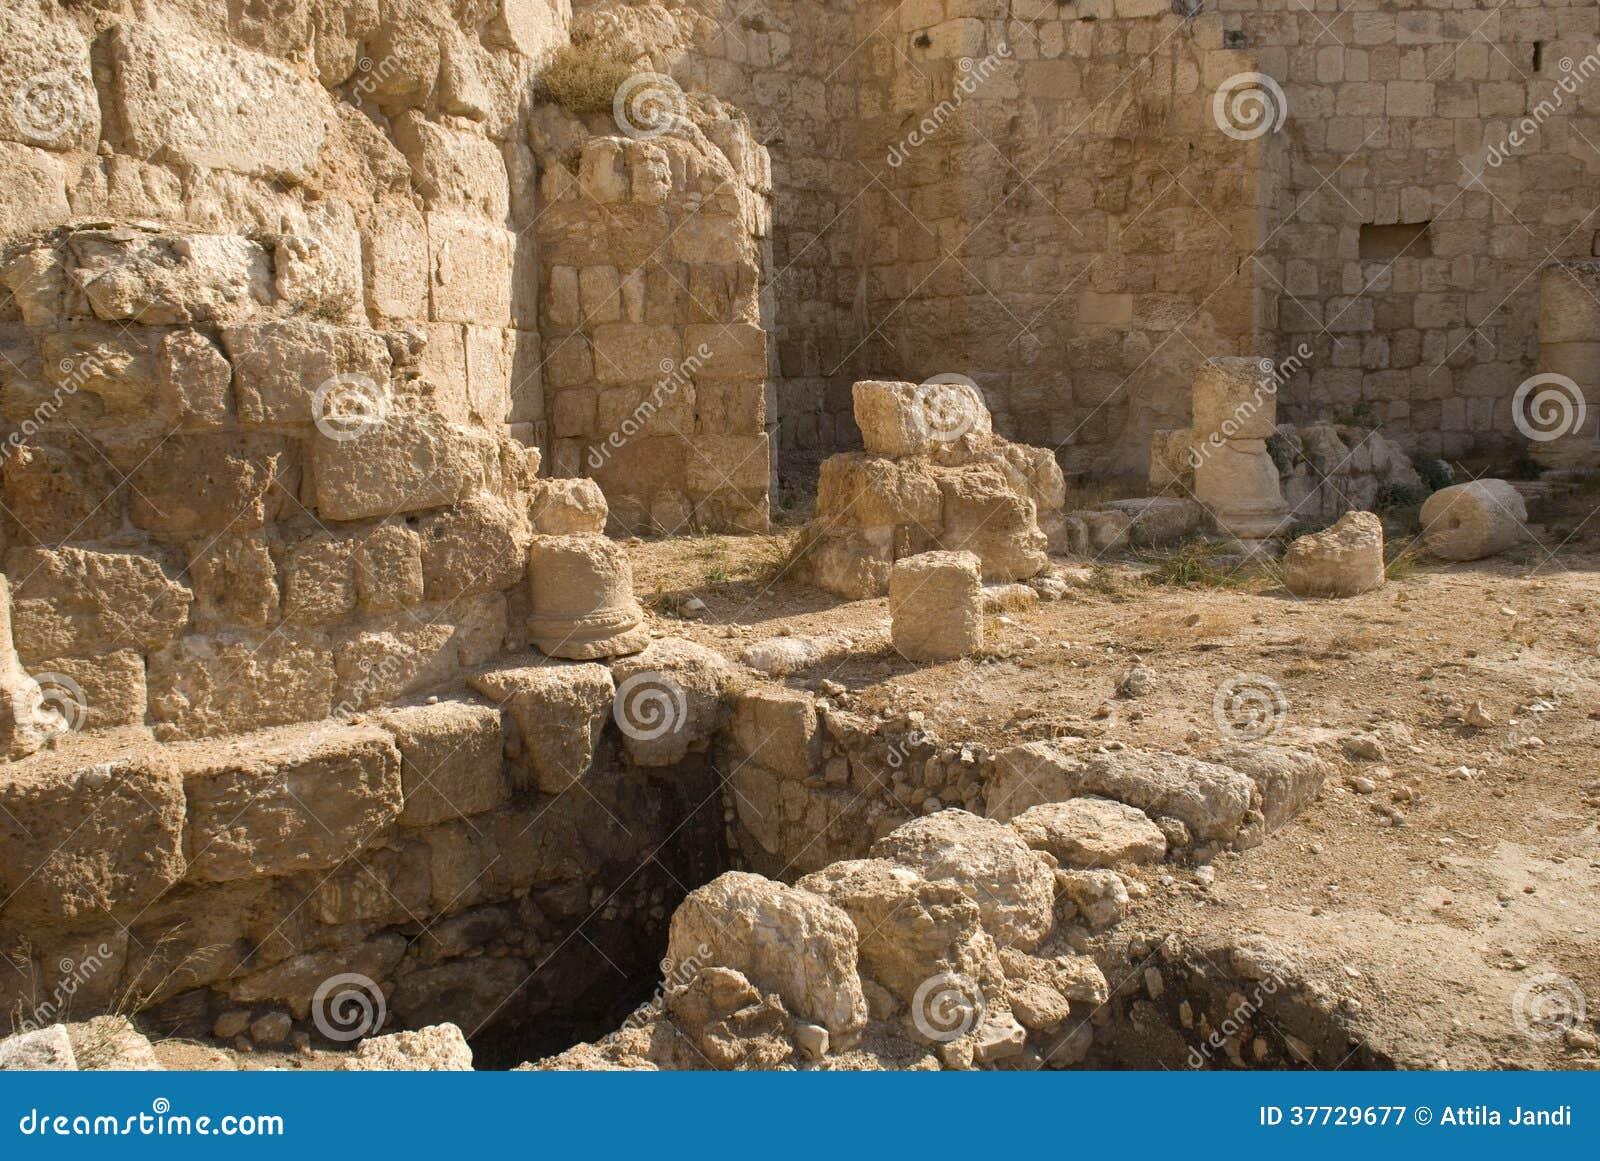 Ruínas da fortaleza de Herod, o grande, Herodium, Palestina